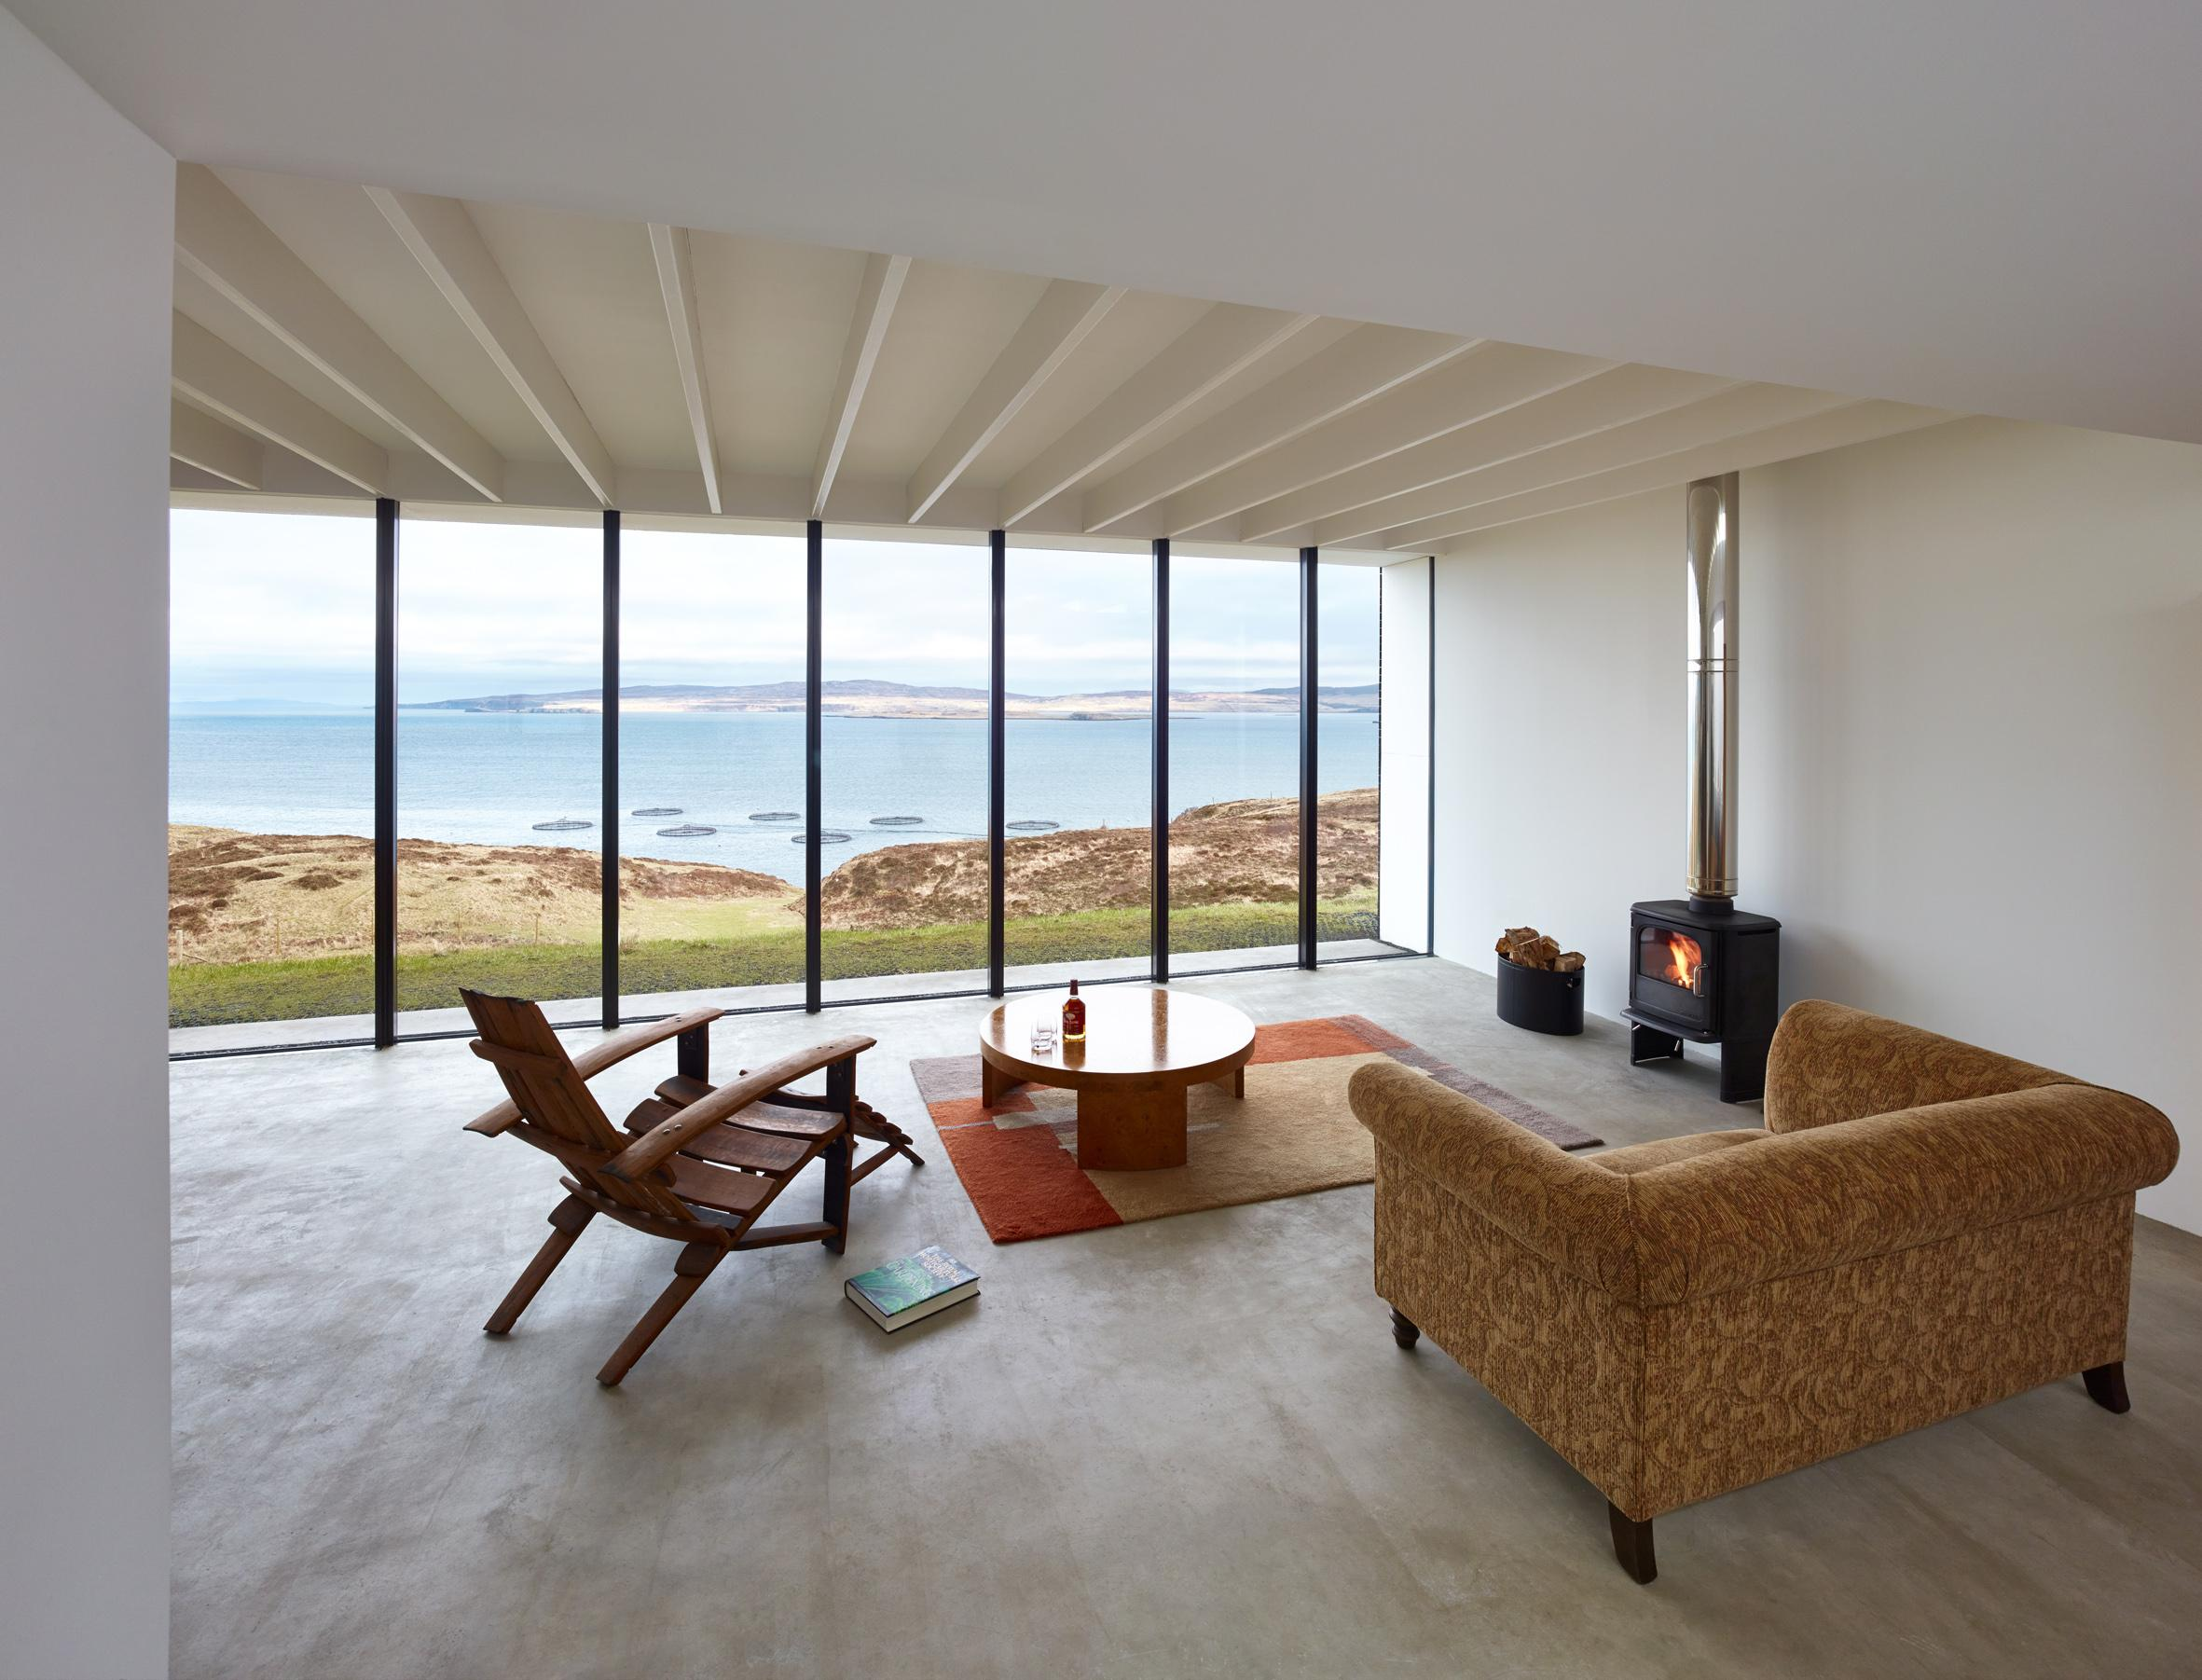 AuBergewohnlich Wohnzimmer Minimalistisch Eingerichtet #fensterfront #couchtisch #teppich  #kamin #sessel #rundercouchtisch #